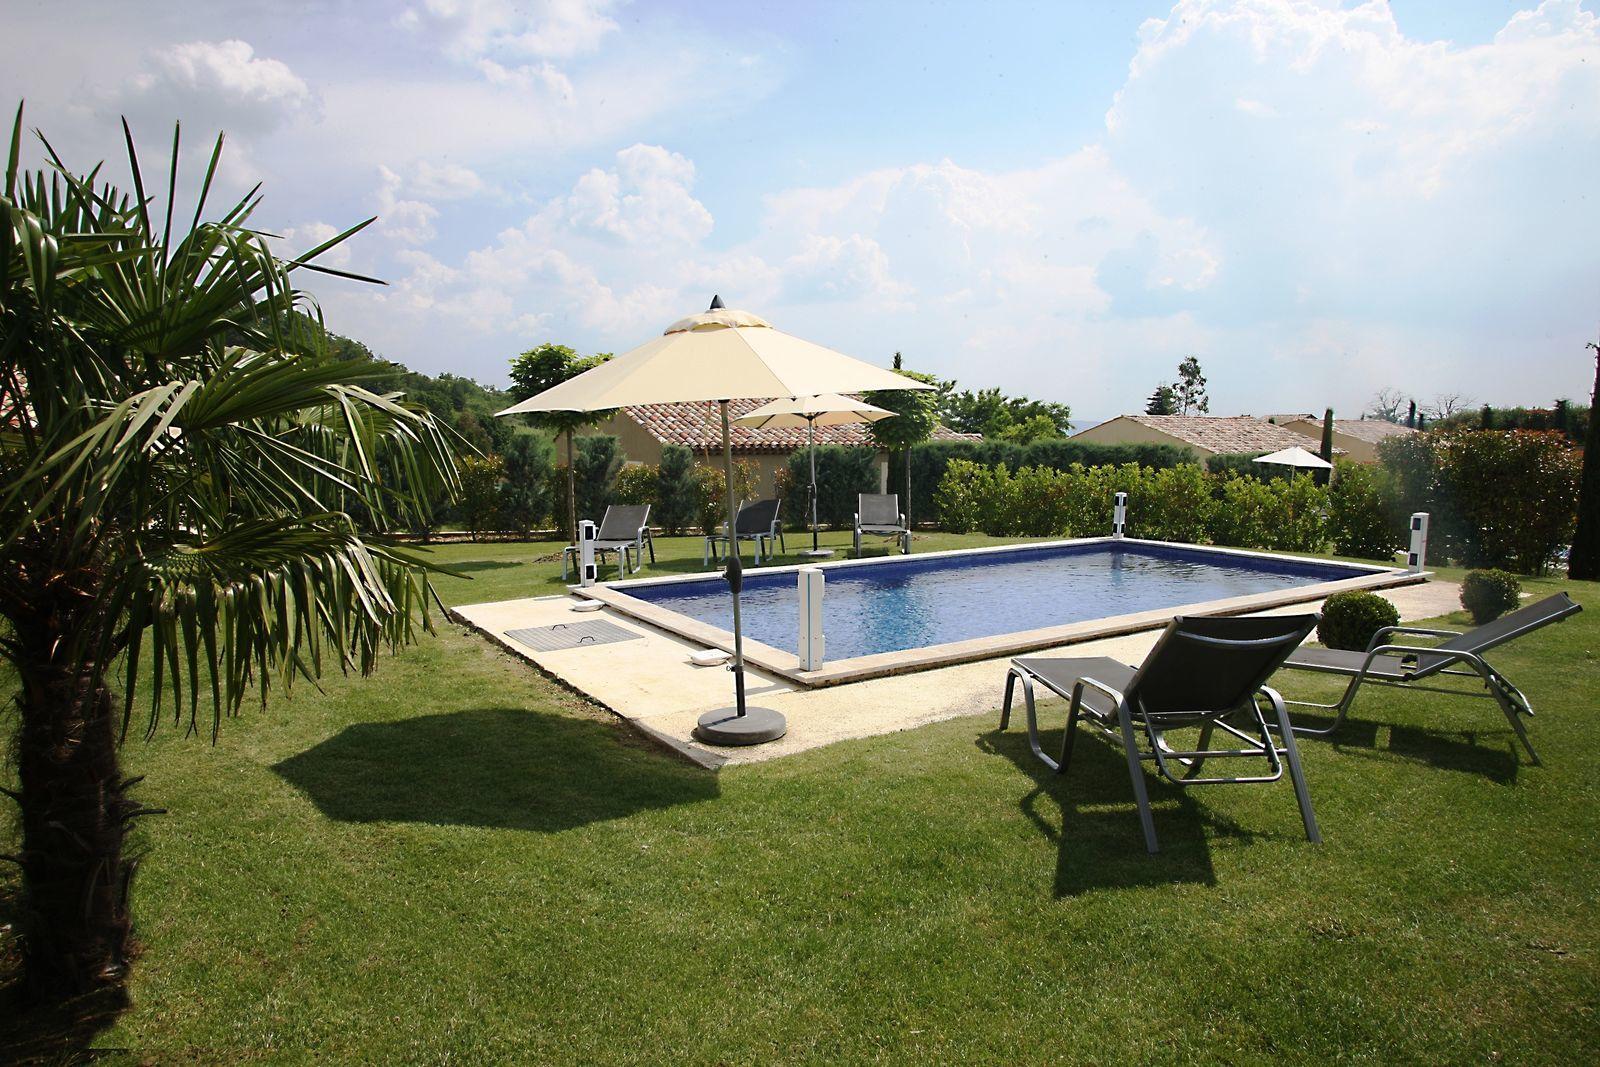 Park Beaudine - vakantiewoning T3 met prive-zwembad in Zuid-Frankrijk